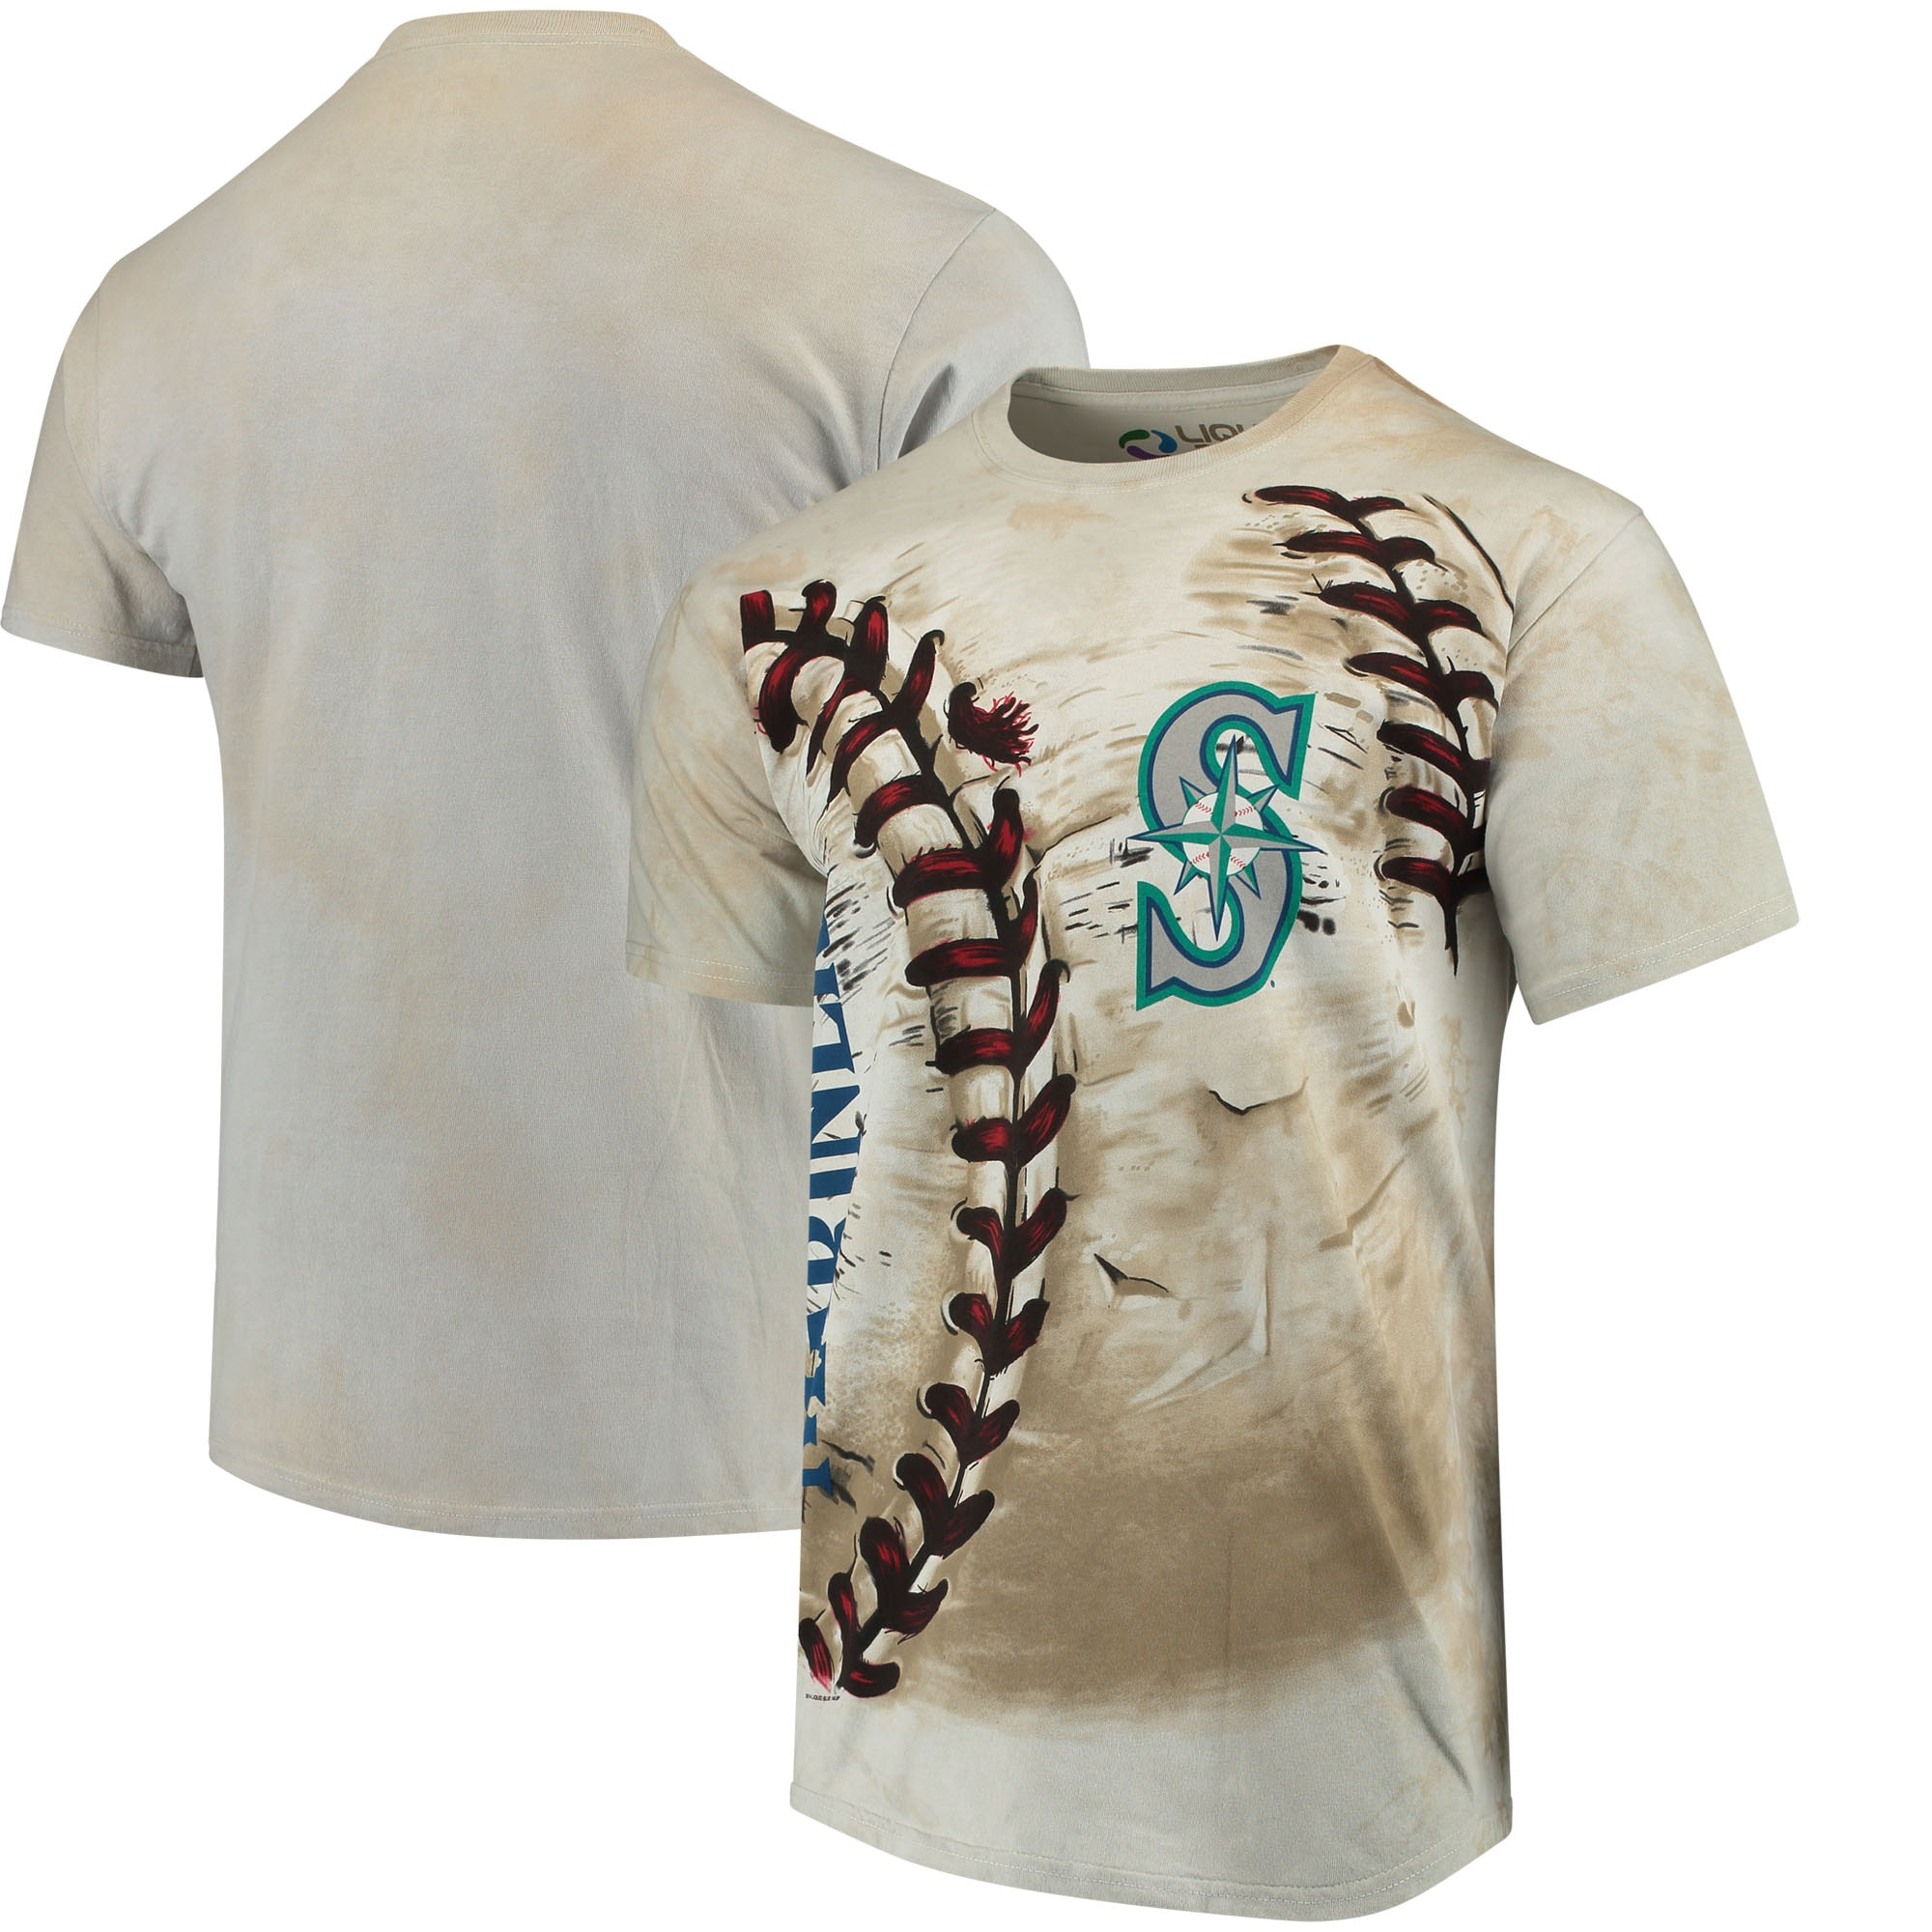 Seattle Mariners Hardball Tie-Dye T- Shirt - Cream